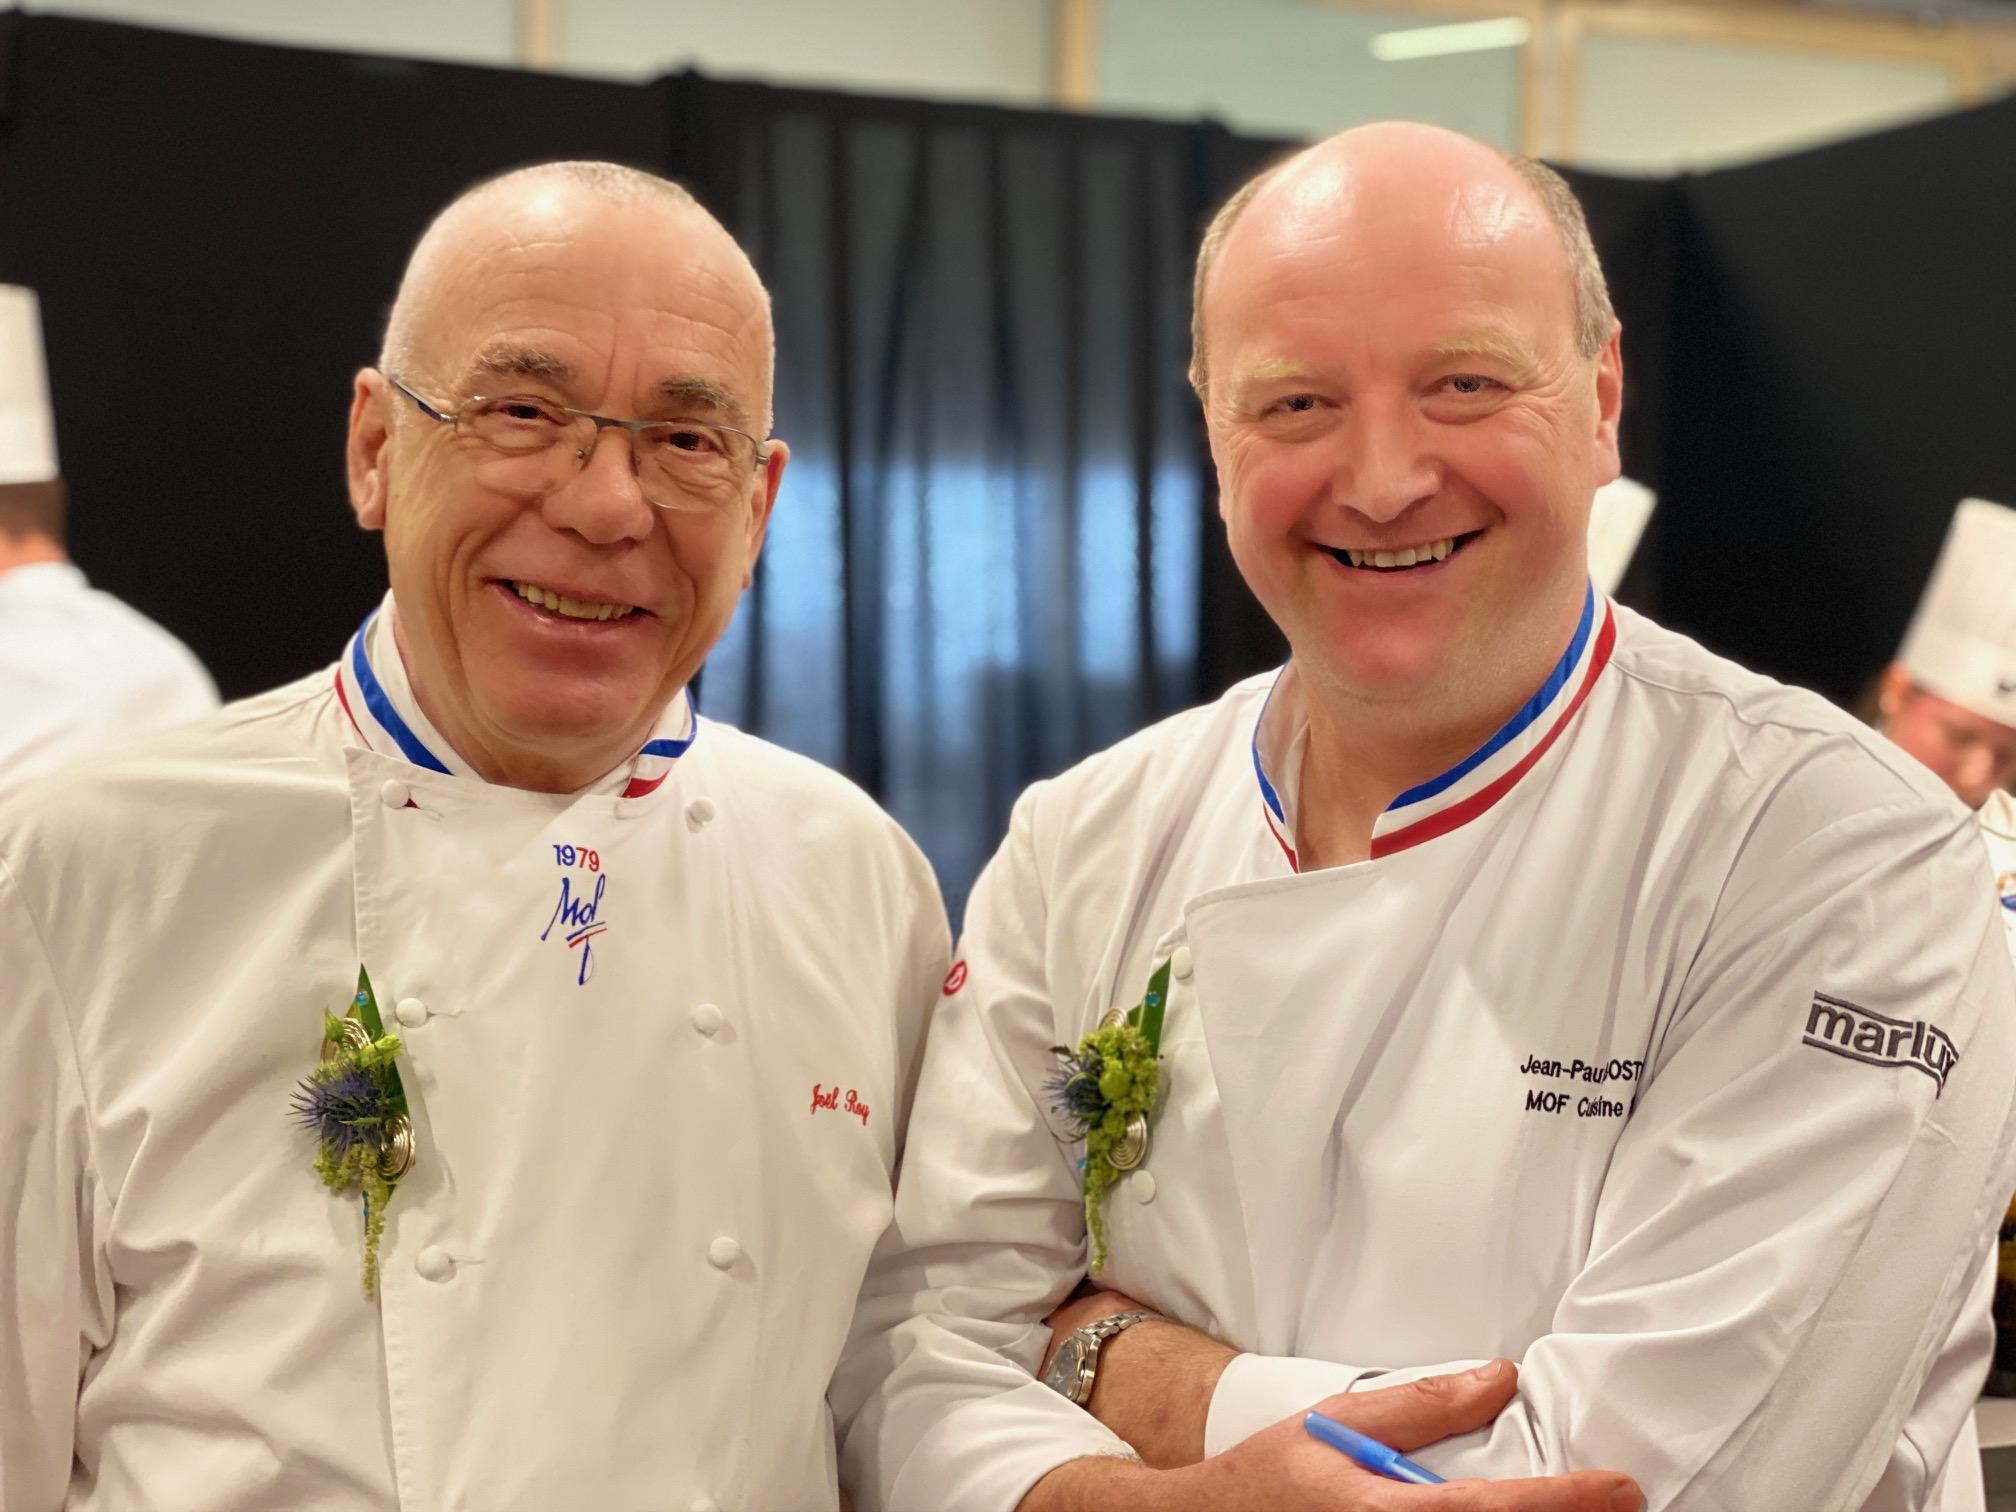 Joel Roy et Jean-Paul Bostoen dans le jury technique ©Sandrine Kauffer-Binz